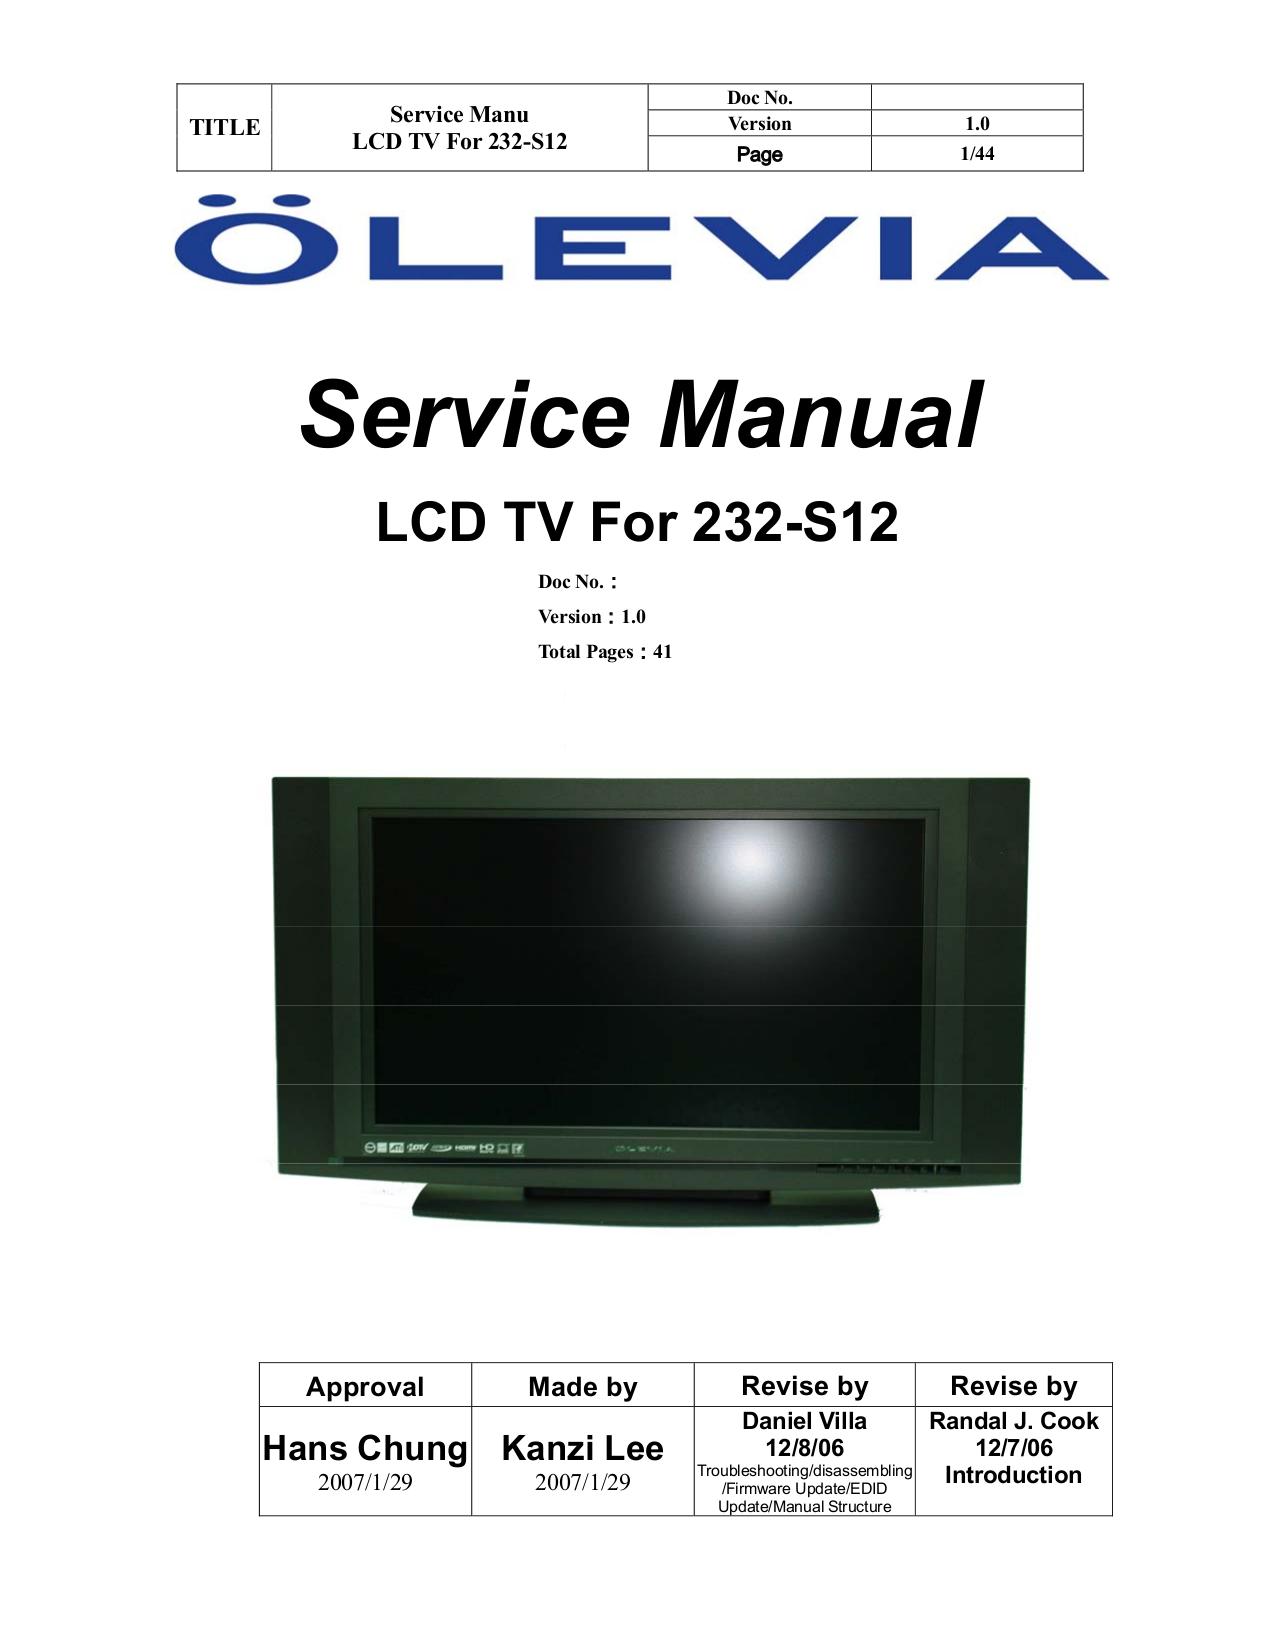 download free pdf for olevia 232v tv manual rh umlib com olevia 232-s12 manual olevia tv 232-t12 manual